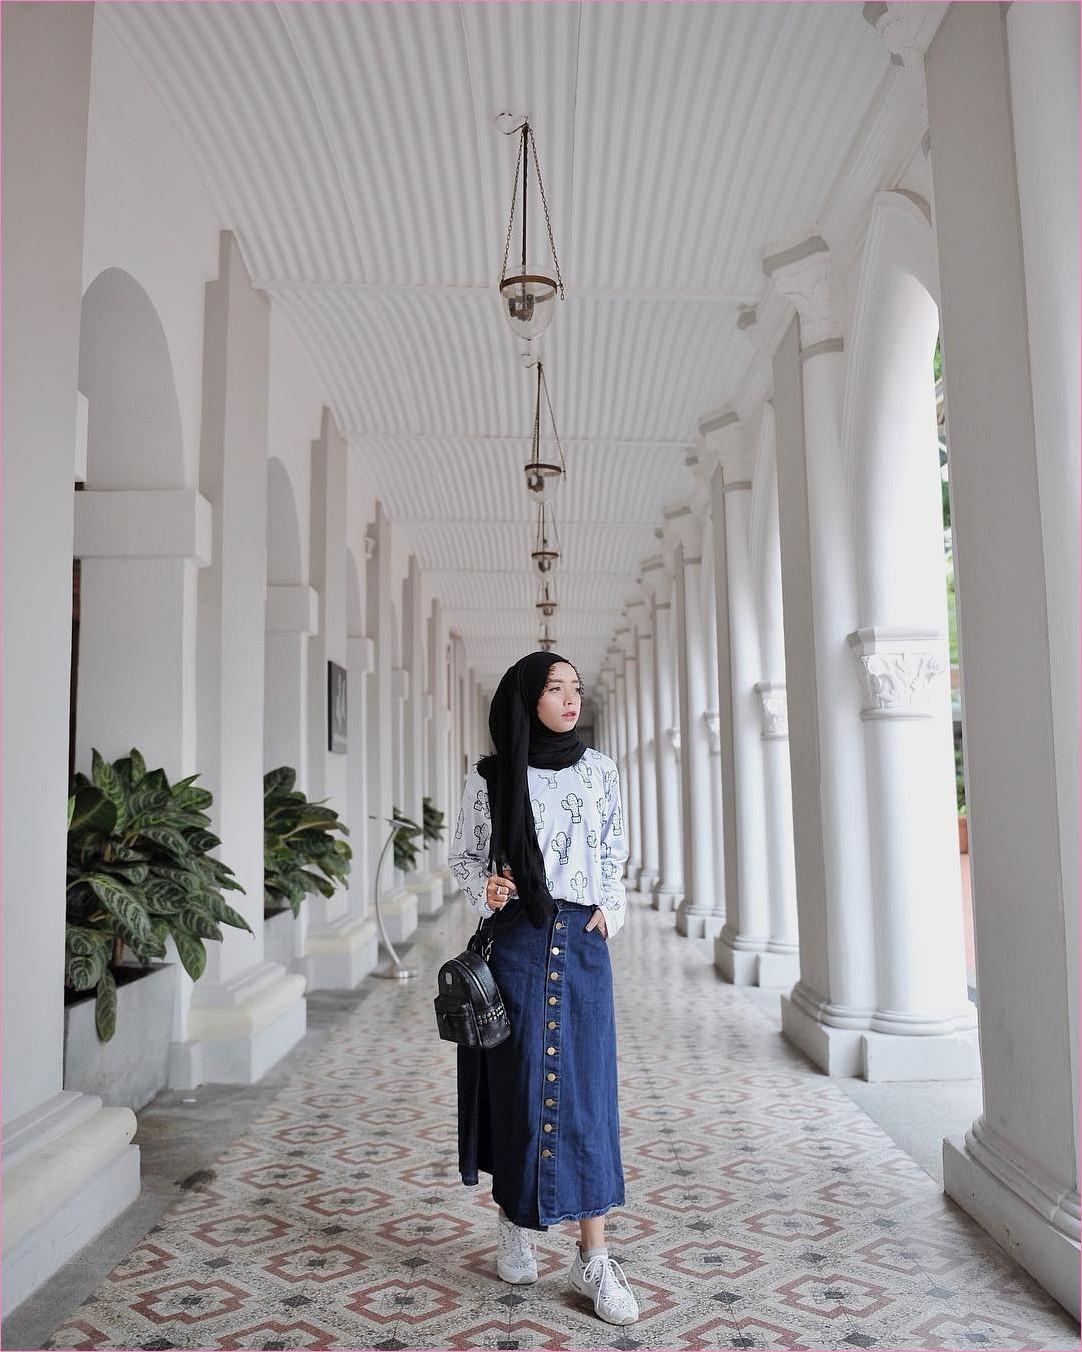 Outfit Rok Untuk Hijabers Ala Selebgram 2018 kets sneakers putih rok jeans denim skirt slingbags hijab pashmina satin hitam top blouse biru muda ootd trendy